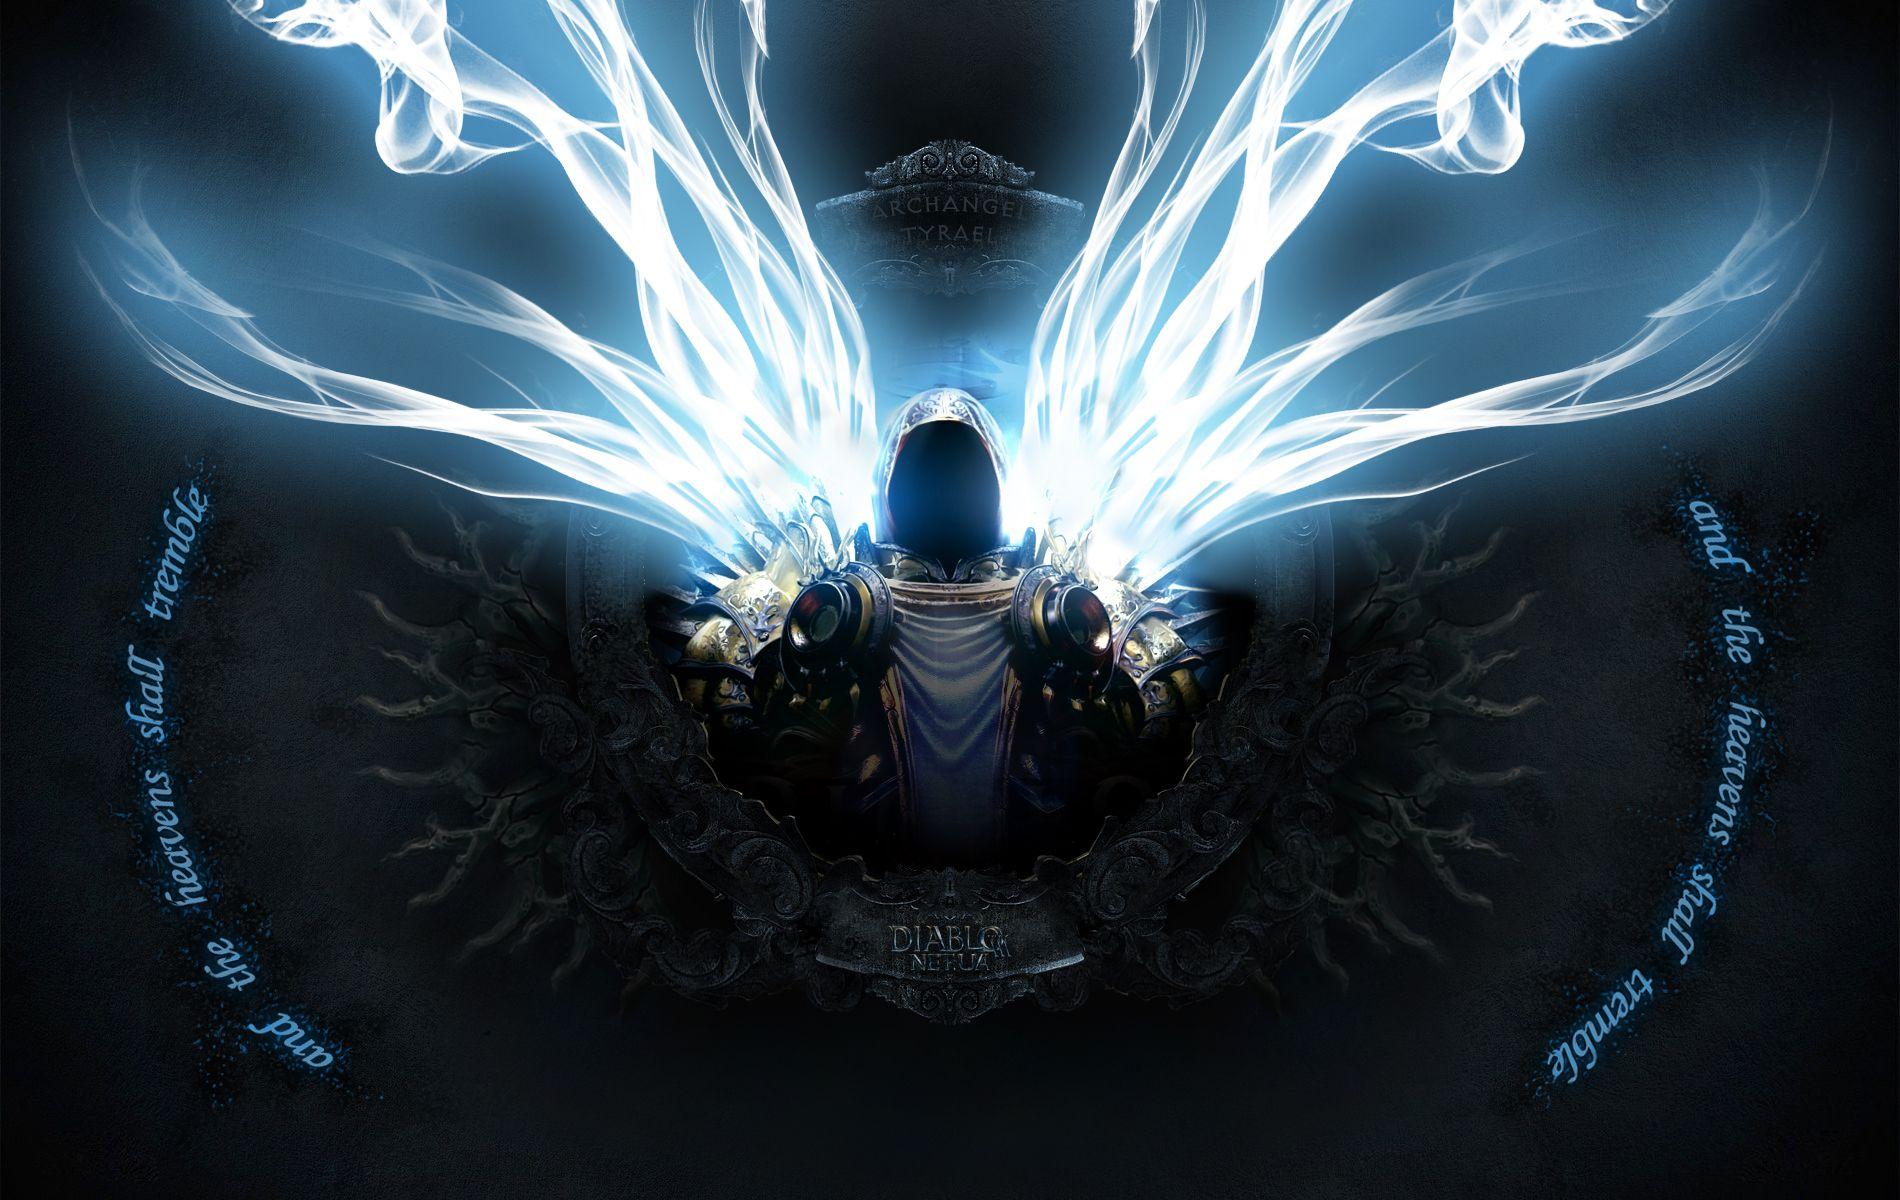 HD Diablo Wallpapers | Fantasy pictures, Diablo 3, Heroes ...